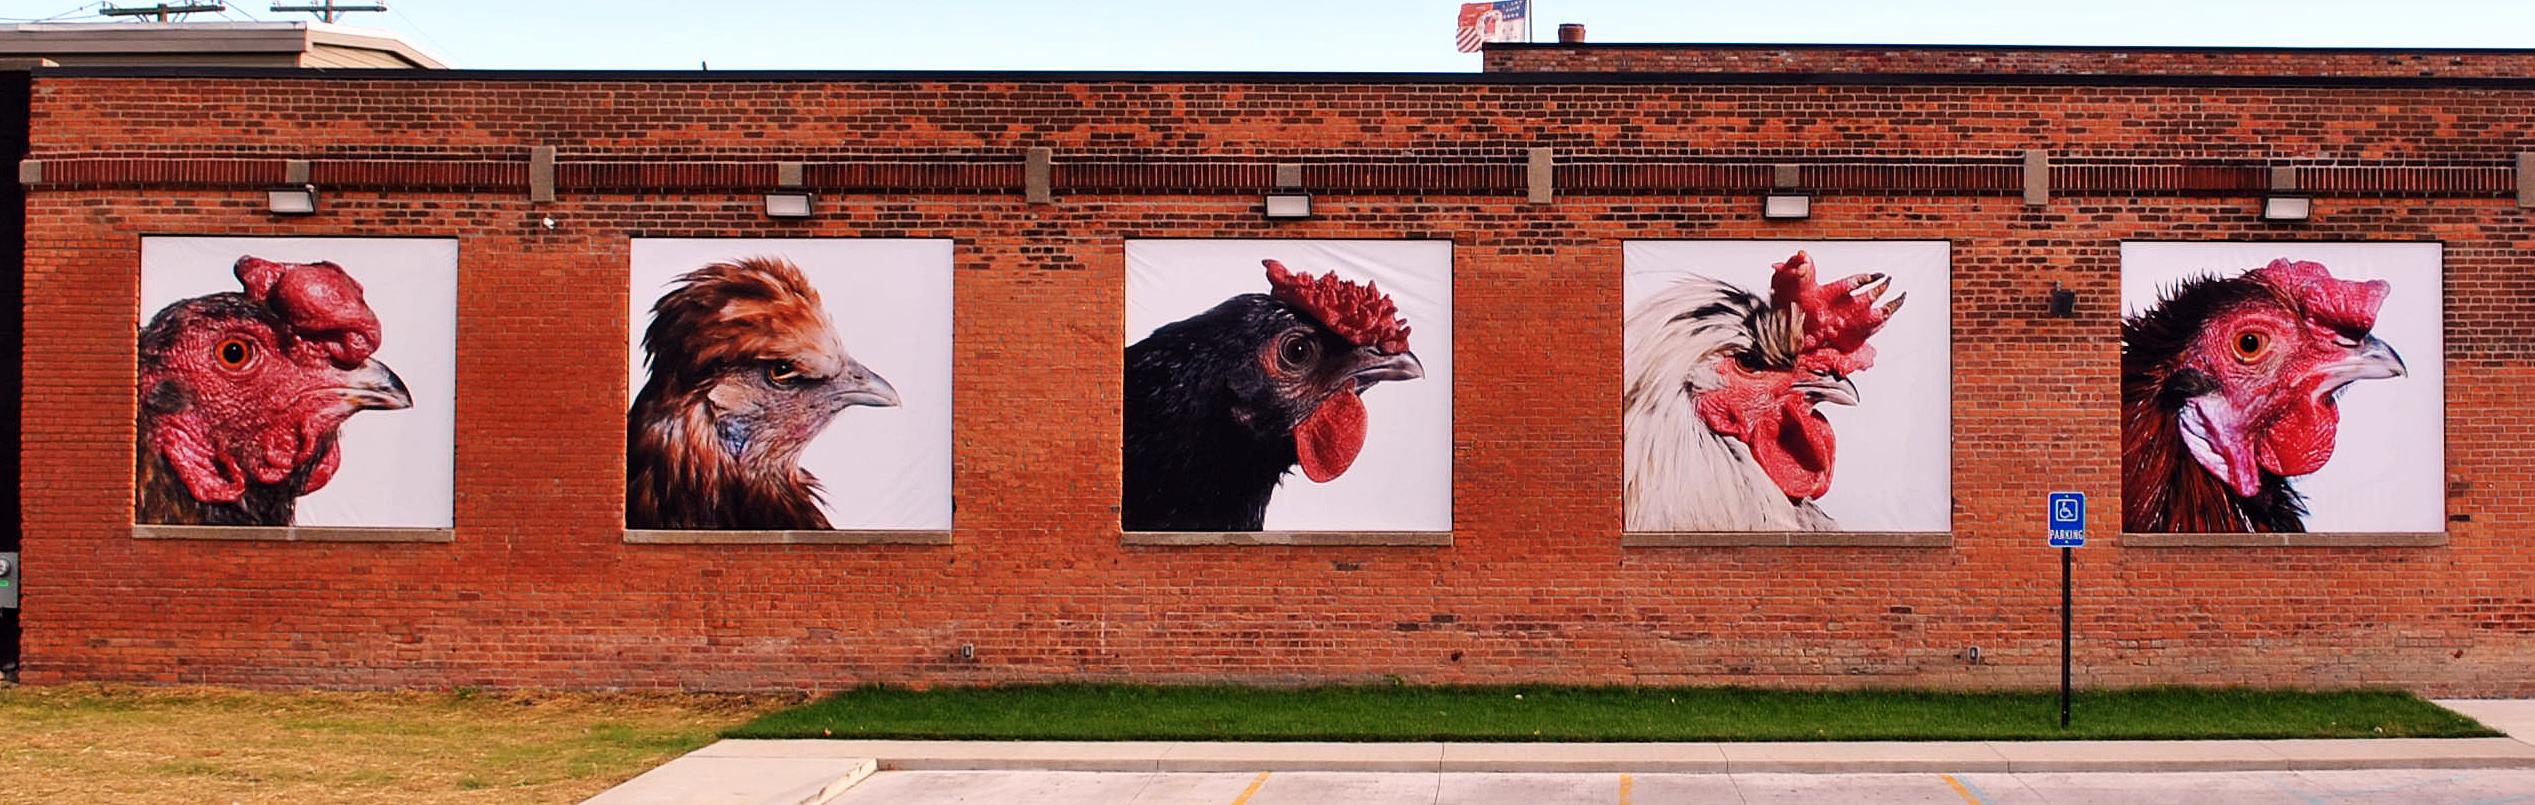 kvm-chicken_exterior